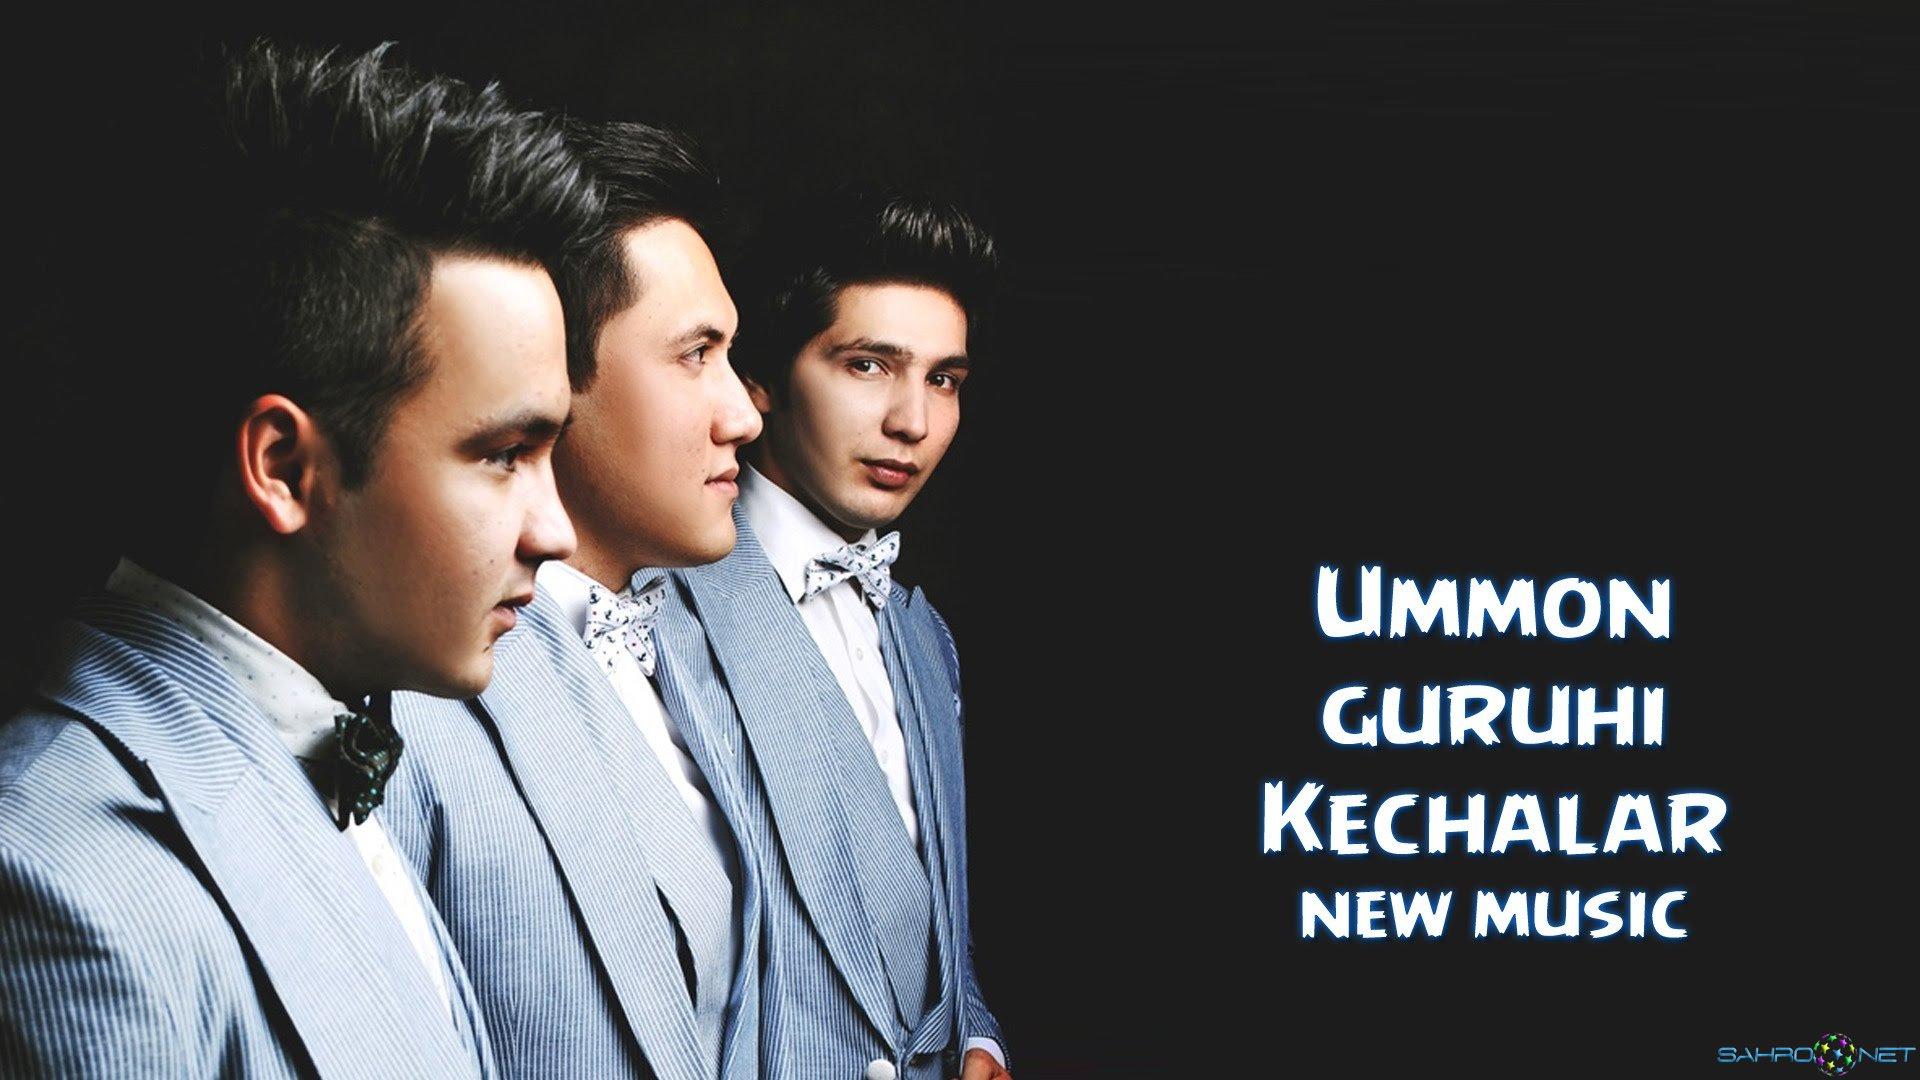 Ummon 2015 guruhi - Kechalar Скачать MP3 2015 бесплатно Узбек Янгилари